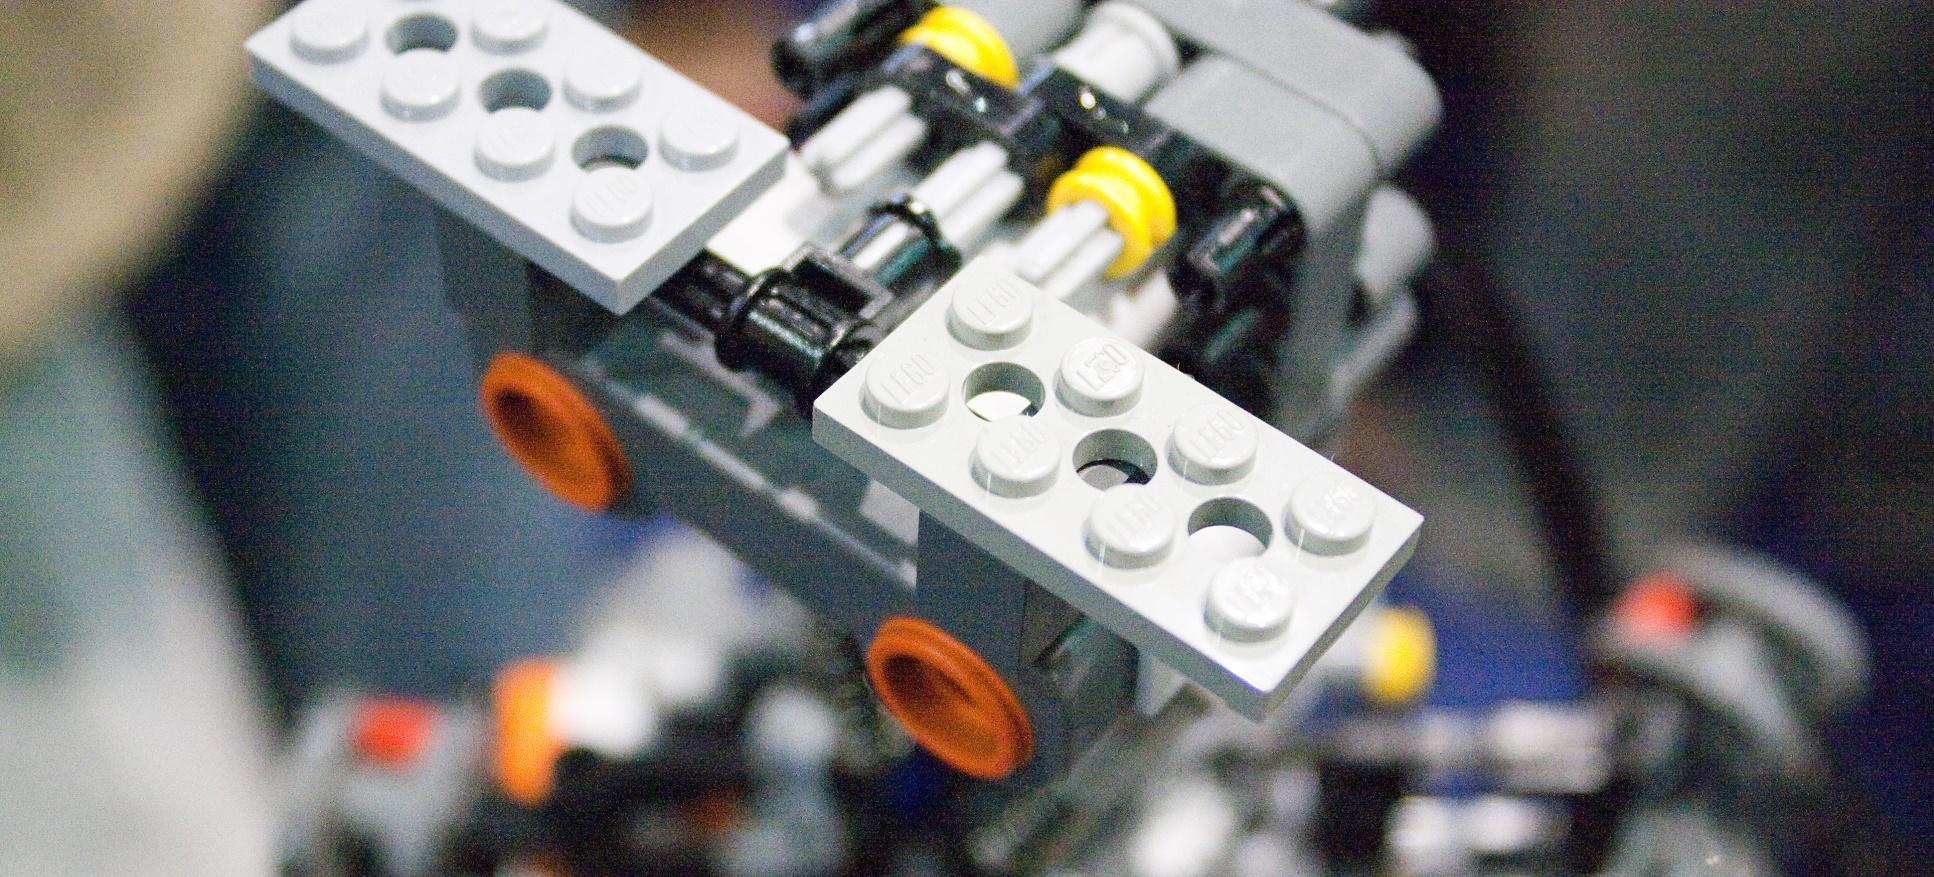 Los niños pueden programar este brazo artificial de Lego